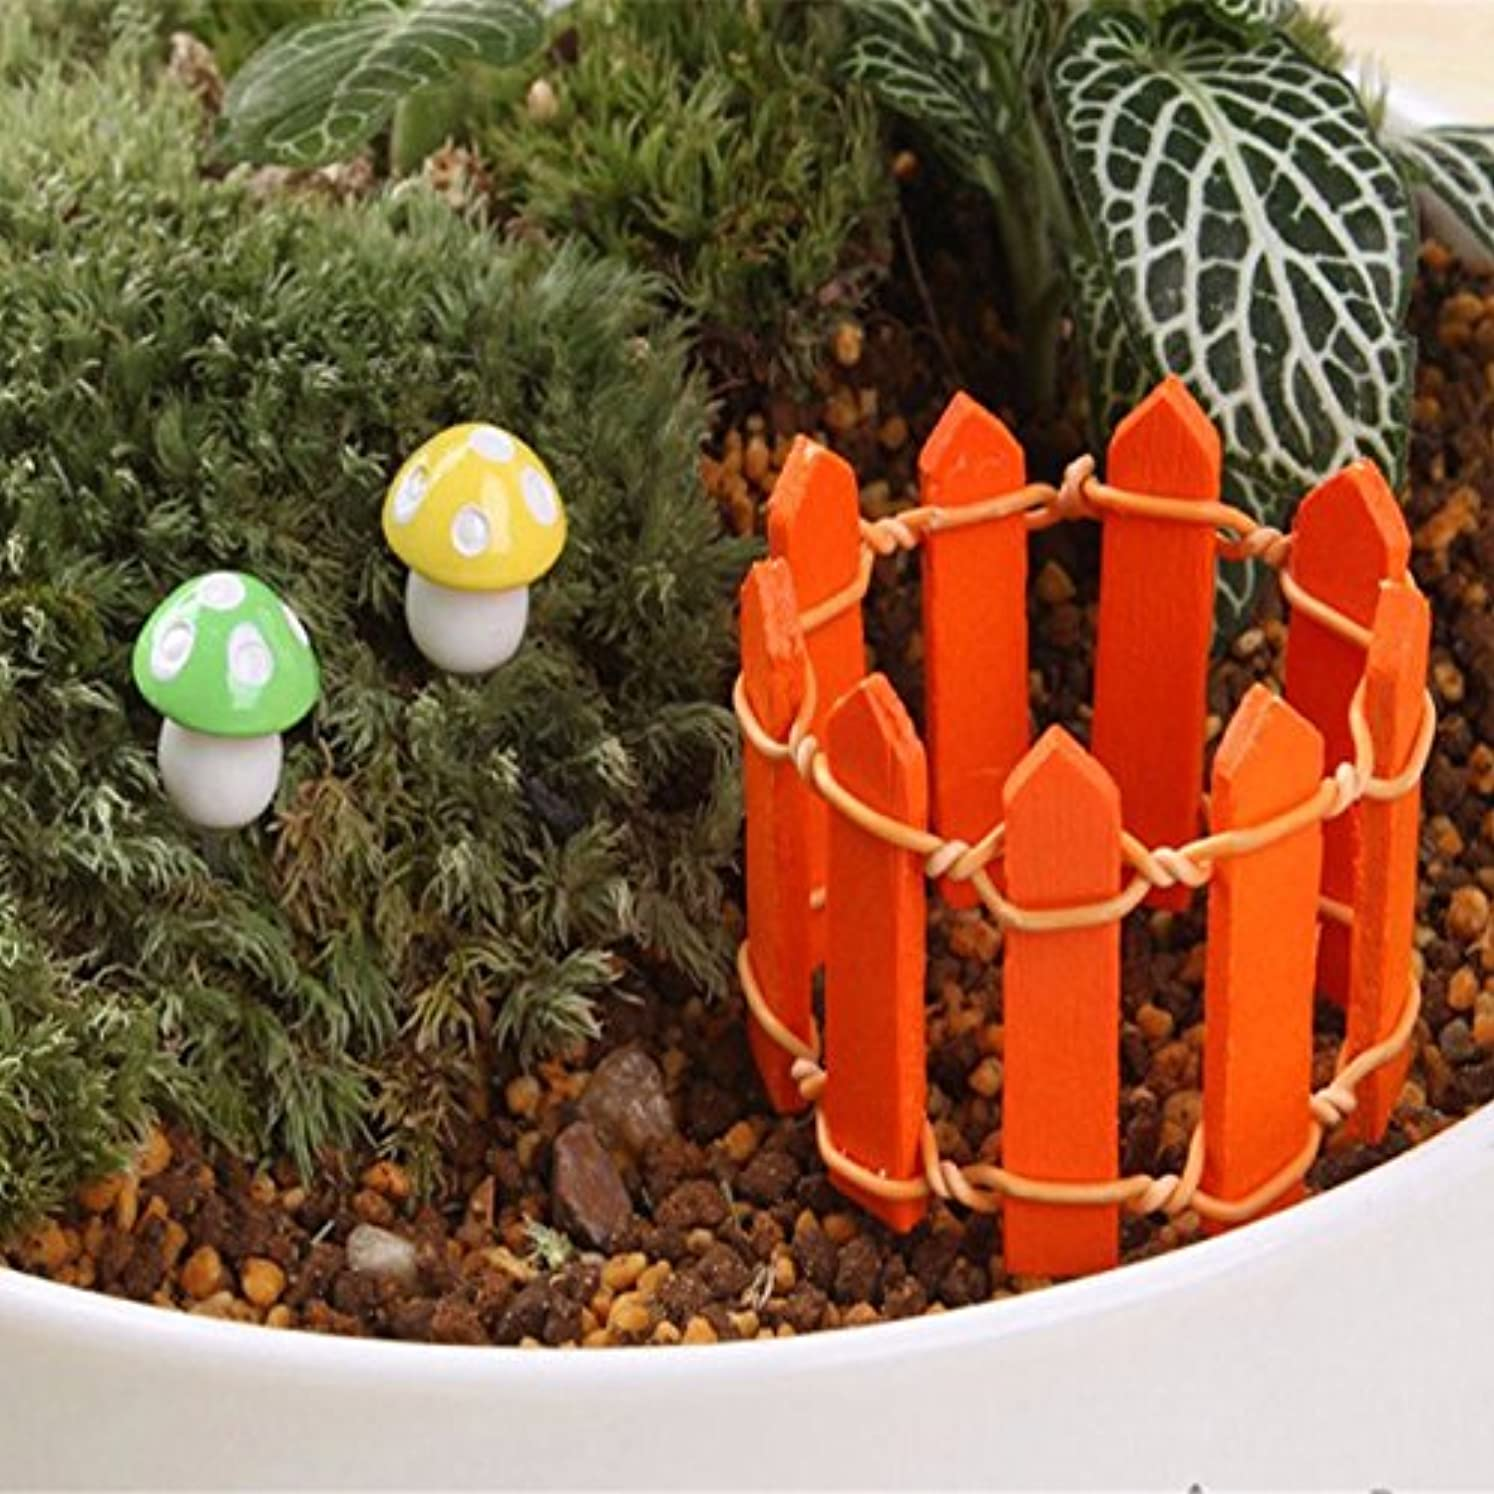 余分な言語市長Jicorzo - 20個DIY木製の小さなフェンスモステラリウム植木鉢工芸ミニおもちゃフェアリーガーデンミニチュア[オレンジ]